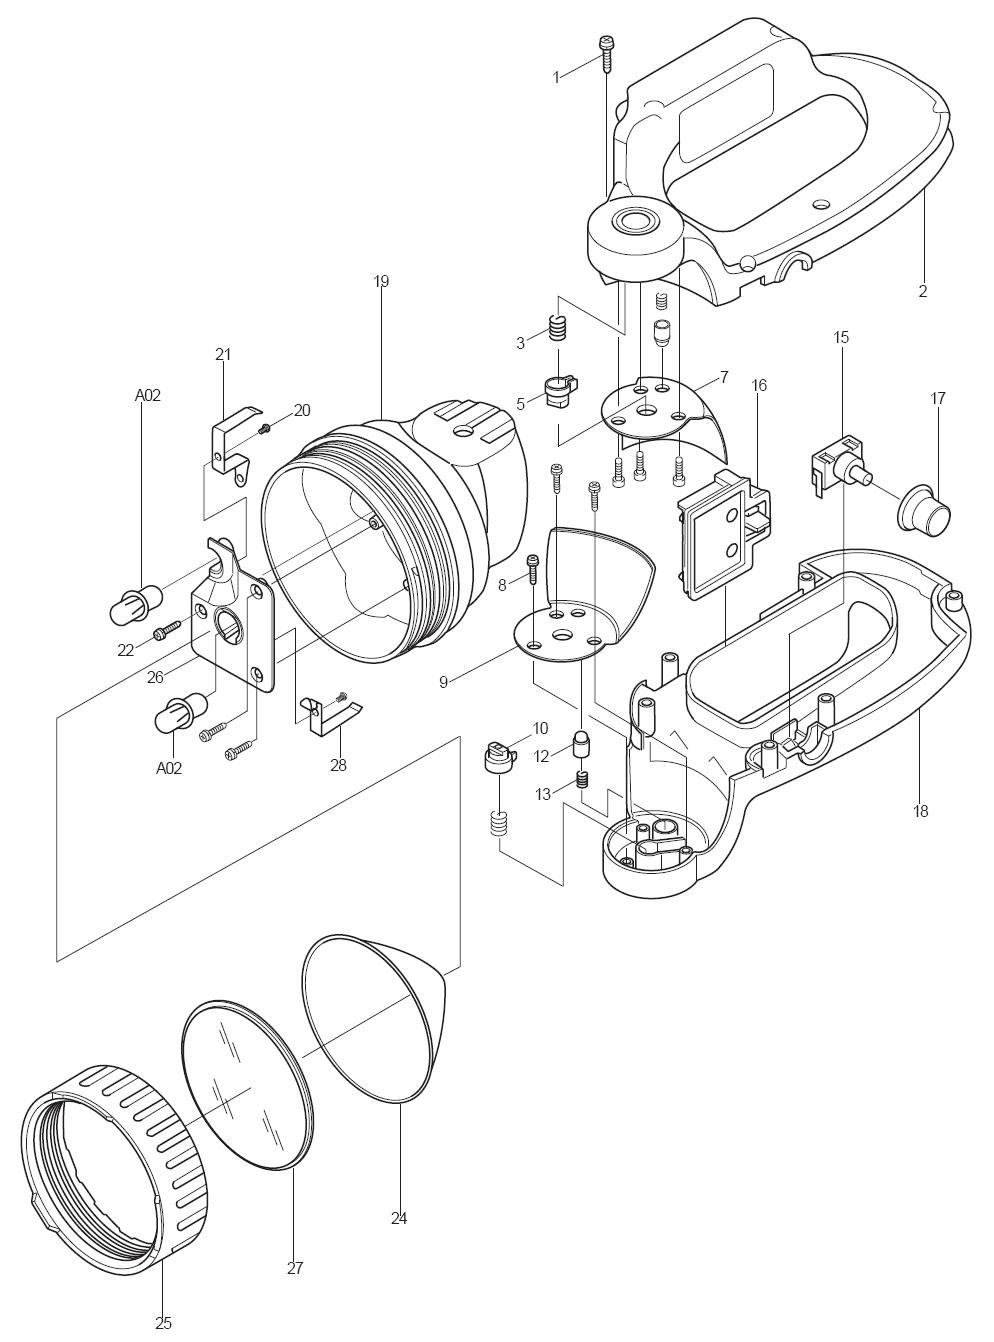 de walt flashlight diagram de walt tool parts diagrams